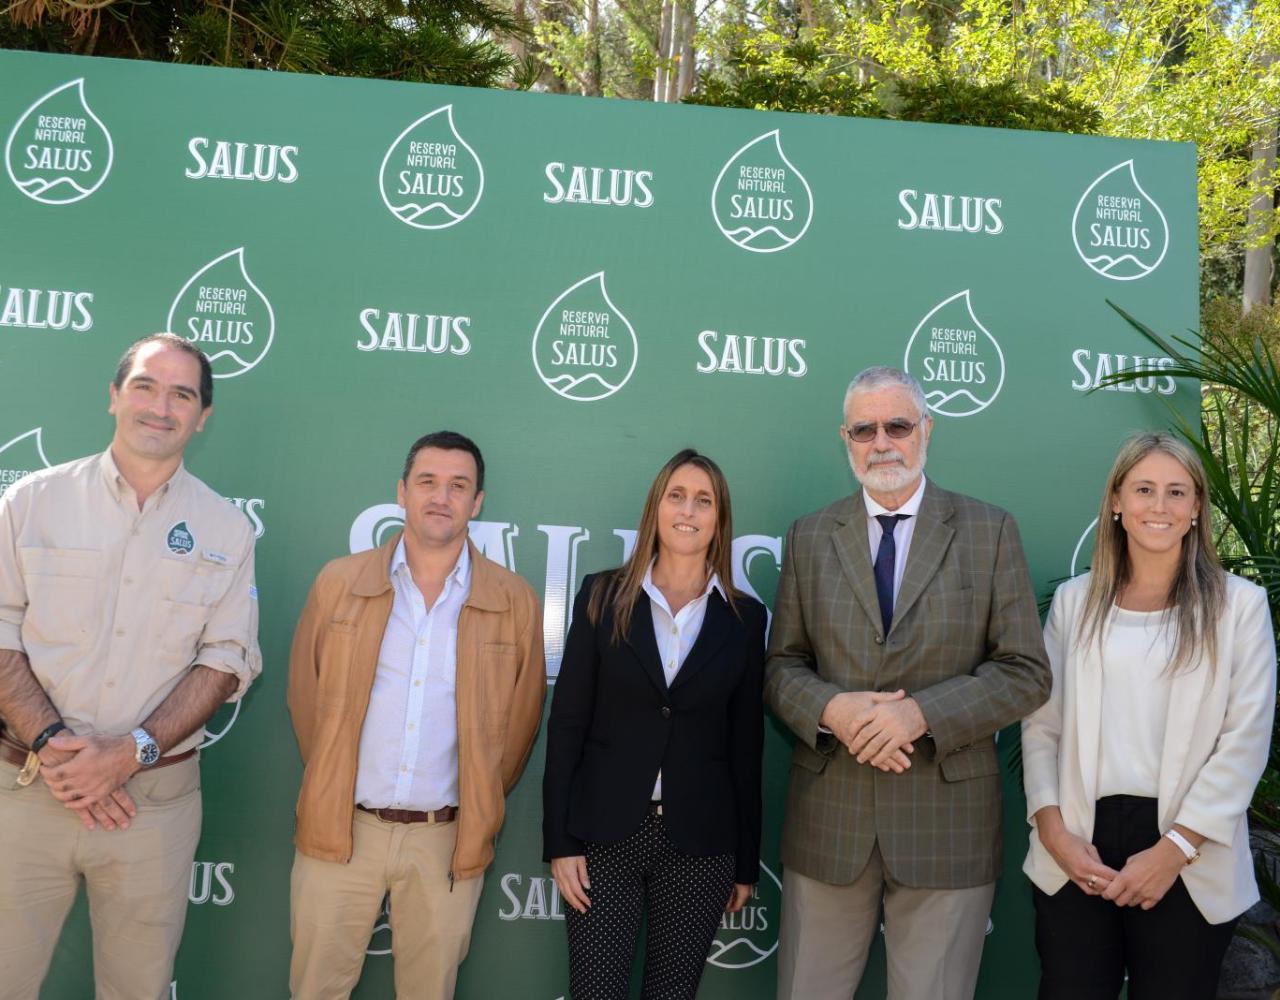 La Reserva Natural Salus renueva su propuesta en el Día Mundial del Agua